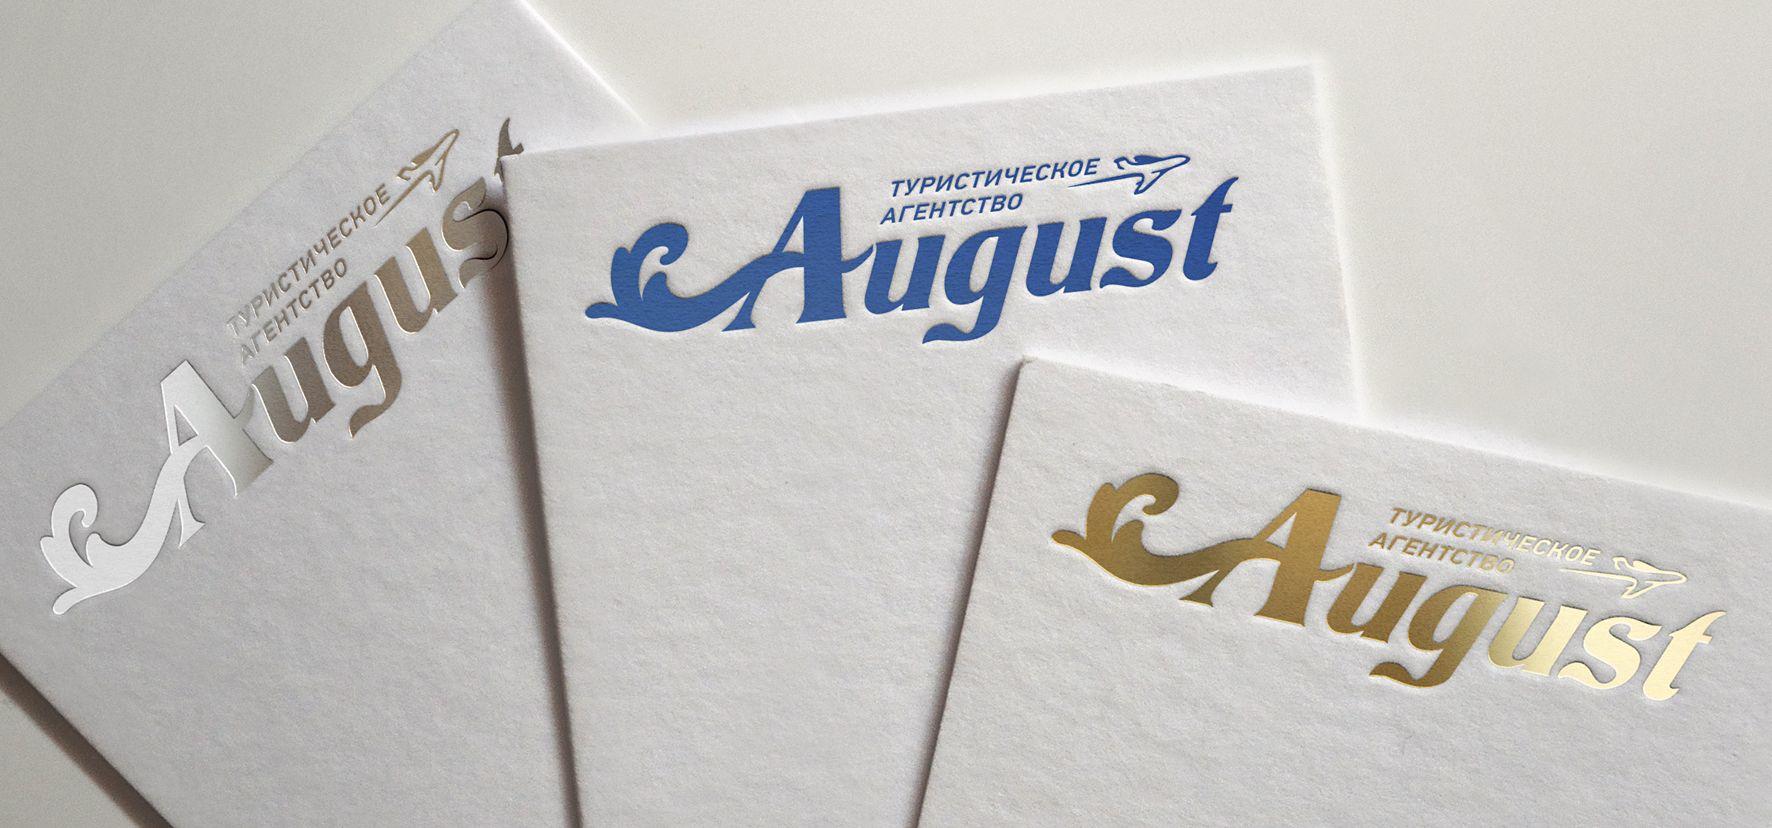 Логотип туристического агентства - дизайнер andblin61